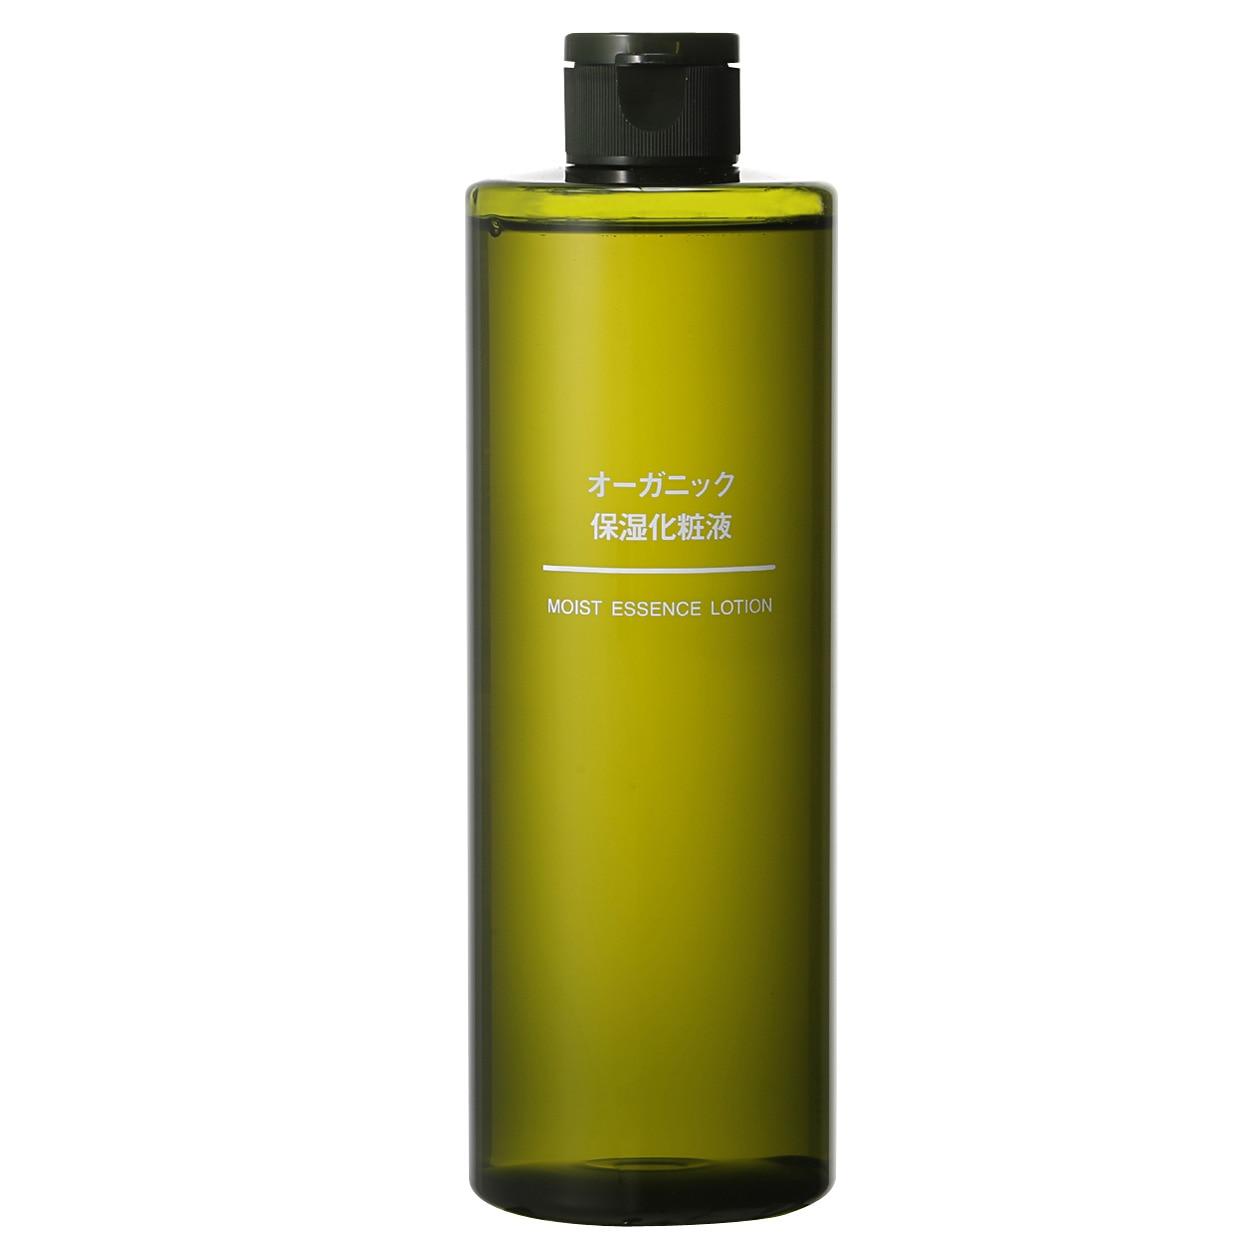 オーガニック保湿化粧液(大容量)